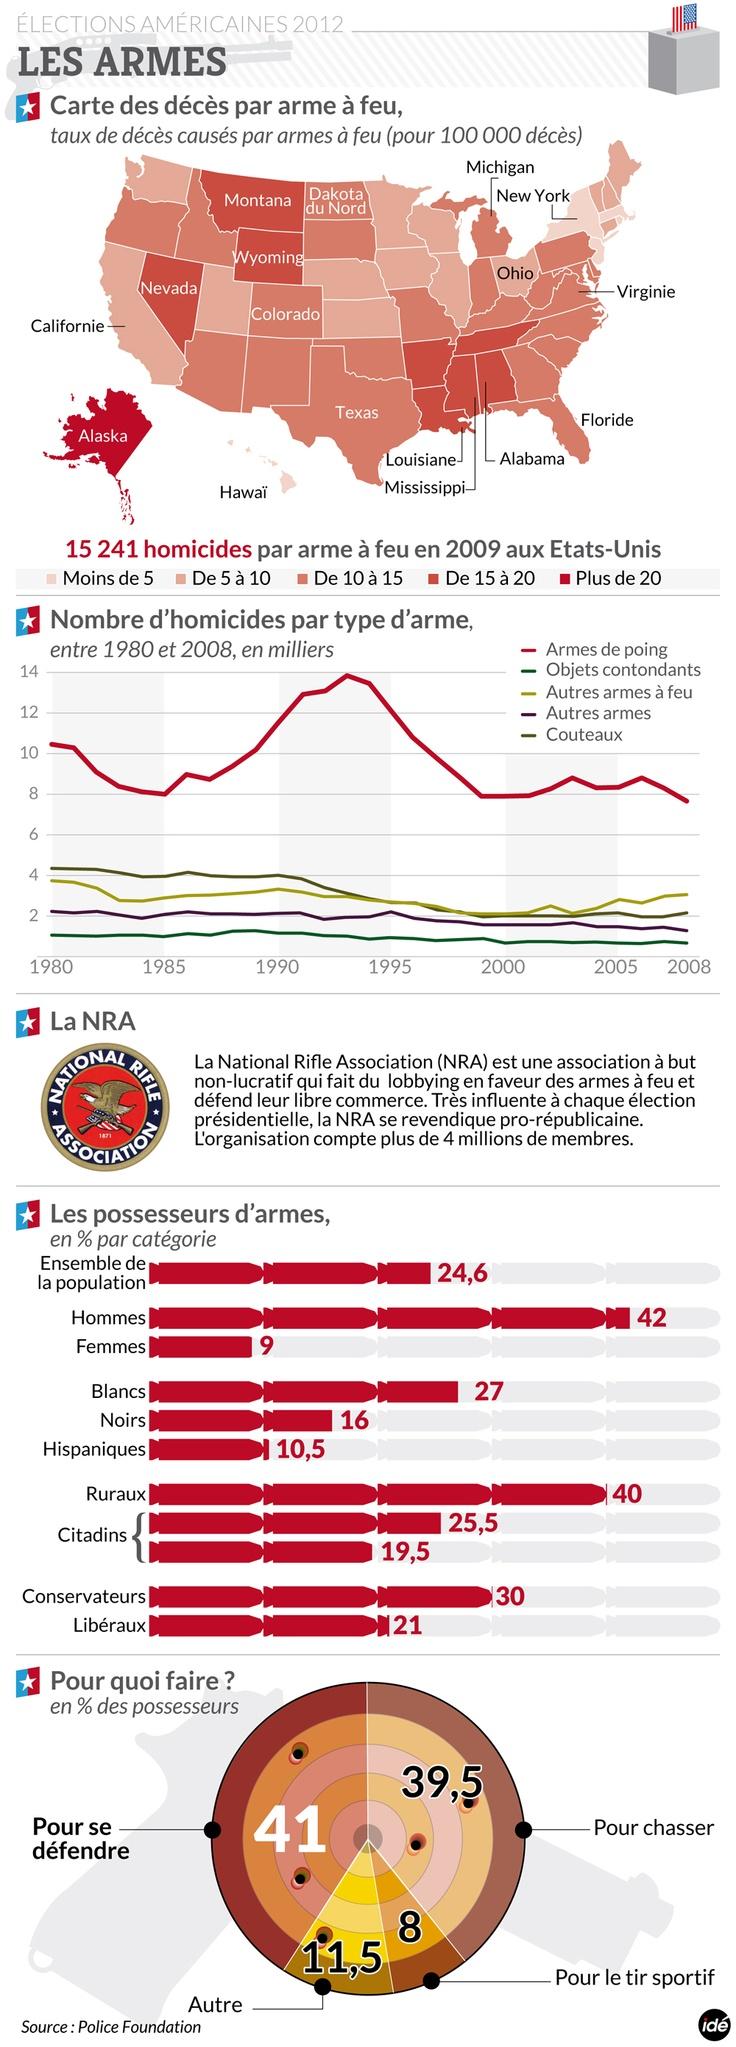 INFOGRAPHIE. Les armes à feu aux Etats-Unis - Le Nouvel Observateur